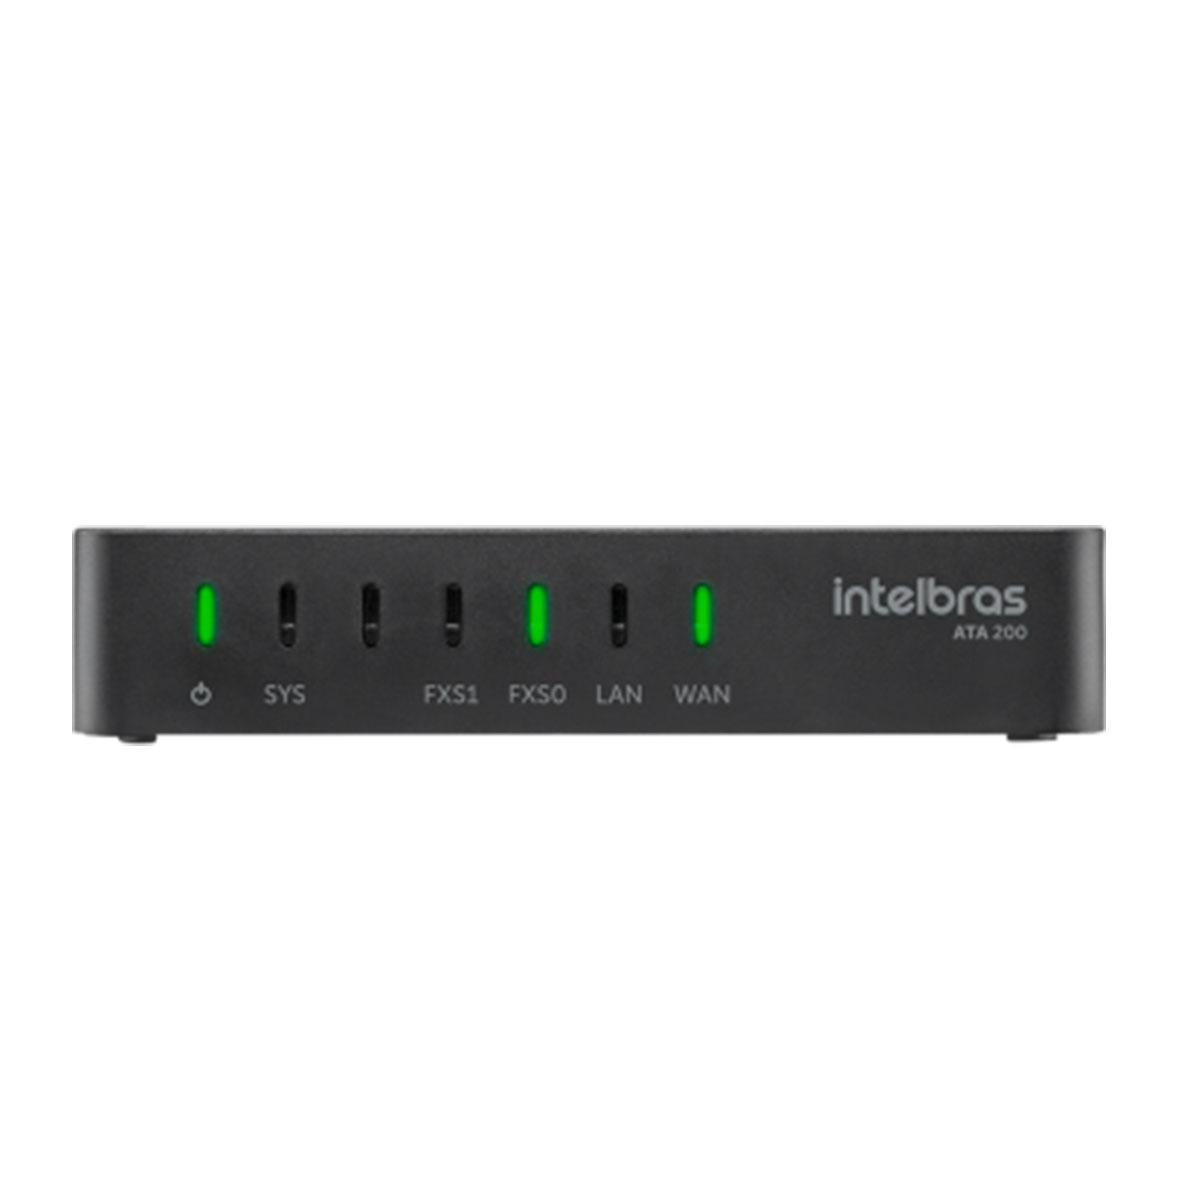 Conversor de protocolo Intelbras IP  ATA 200